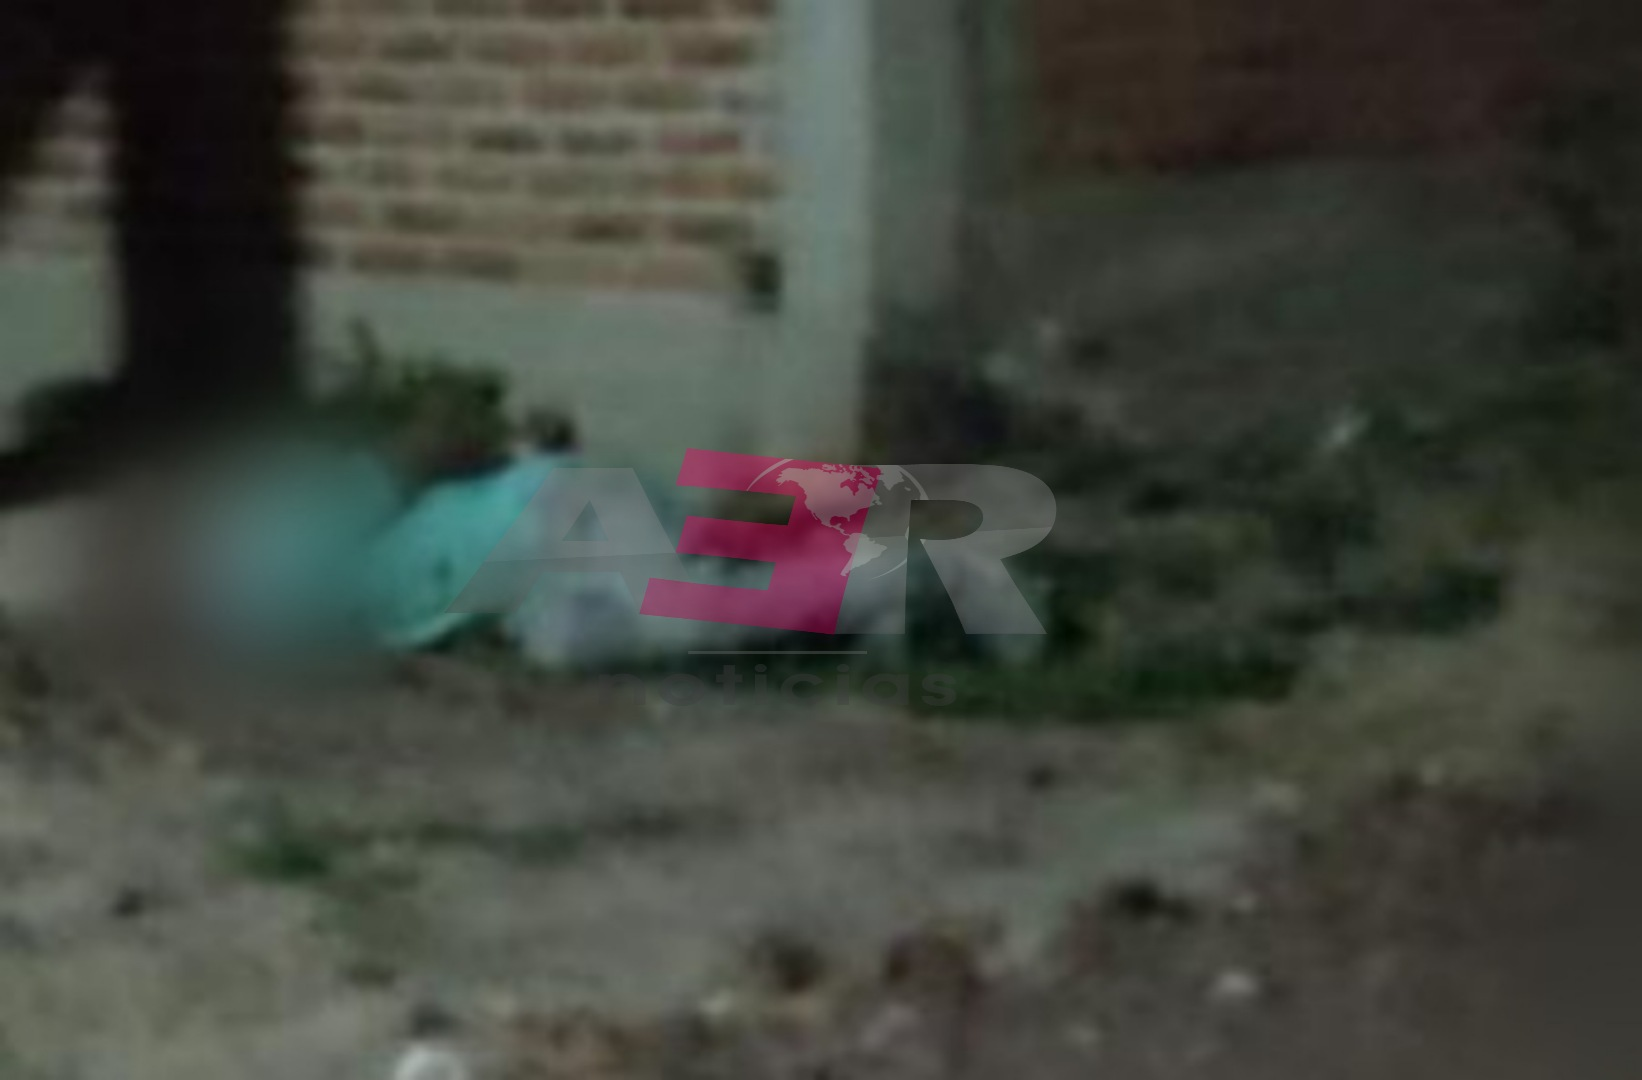 En Salamanca, maniatados y con lesiones de arma de fuego localizan a dos hombres 4